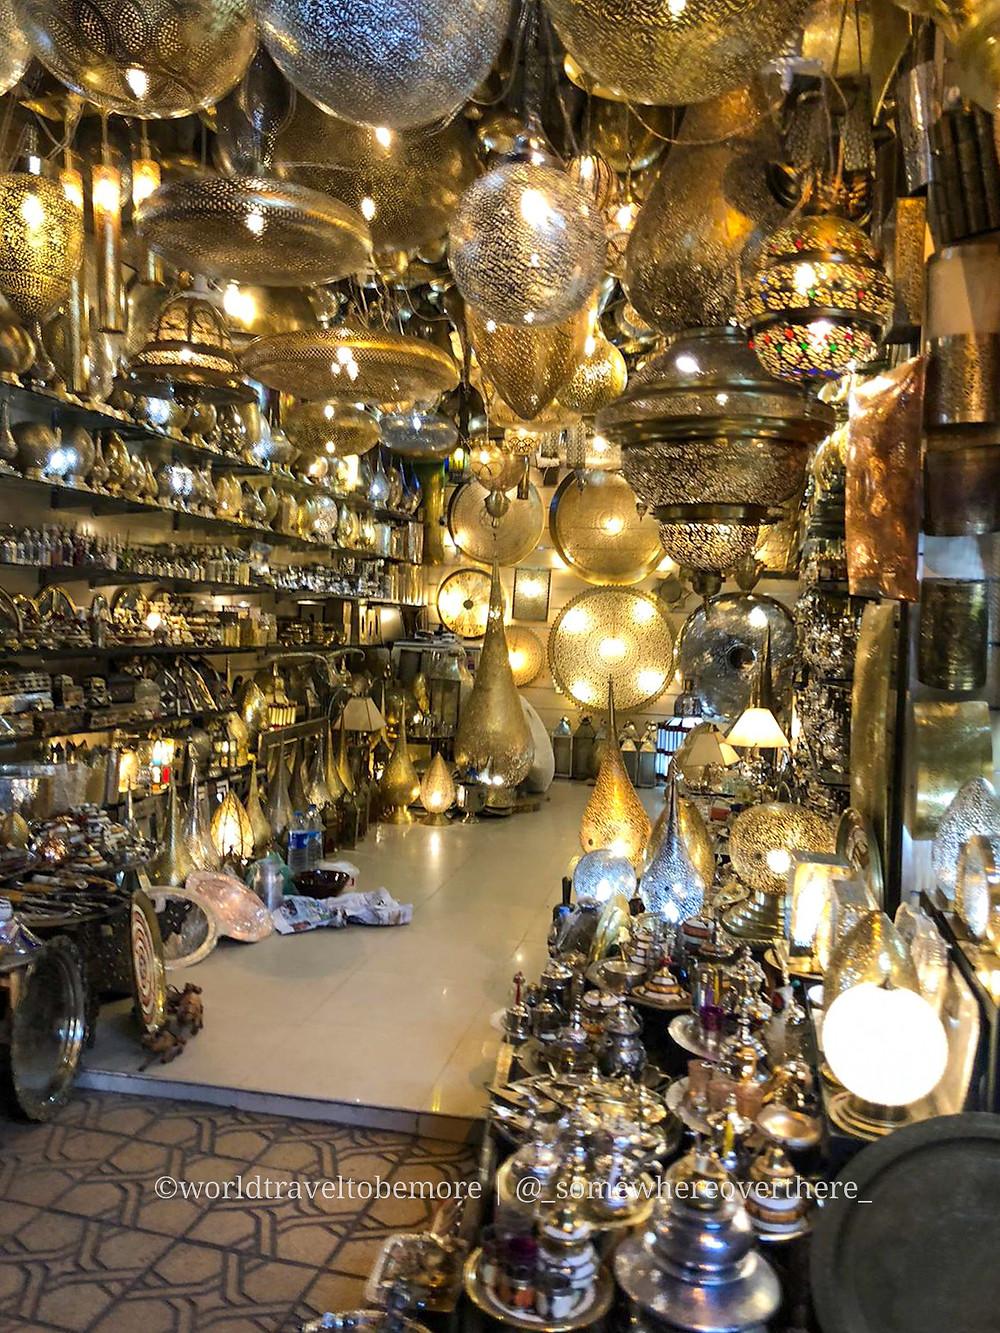 Souk di lampade e lampadari durante il viaggio di una settimana in Marocco: Marrakech.